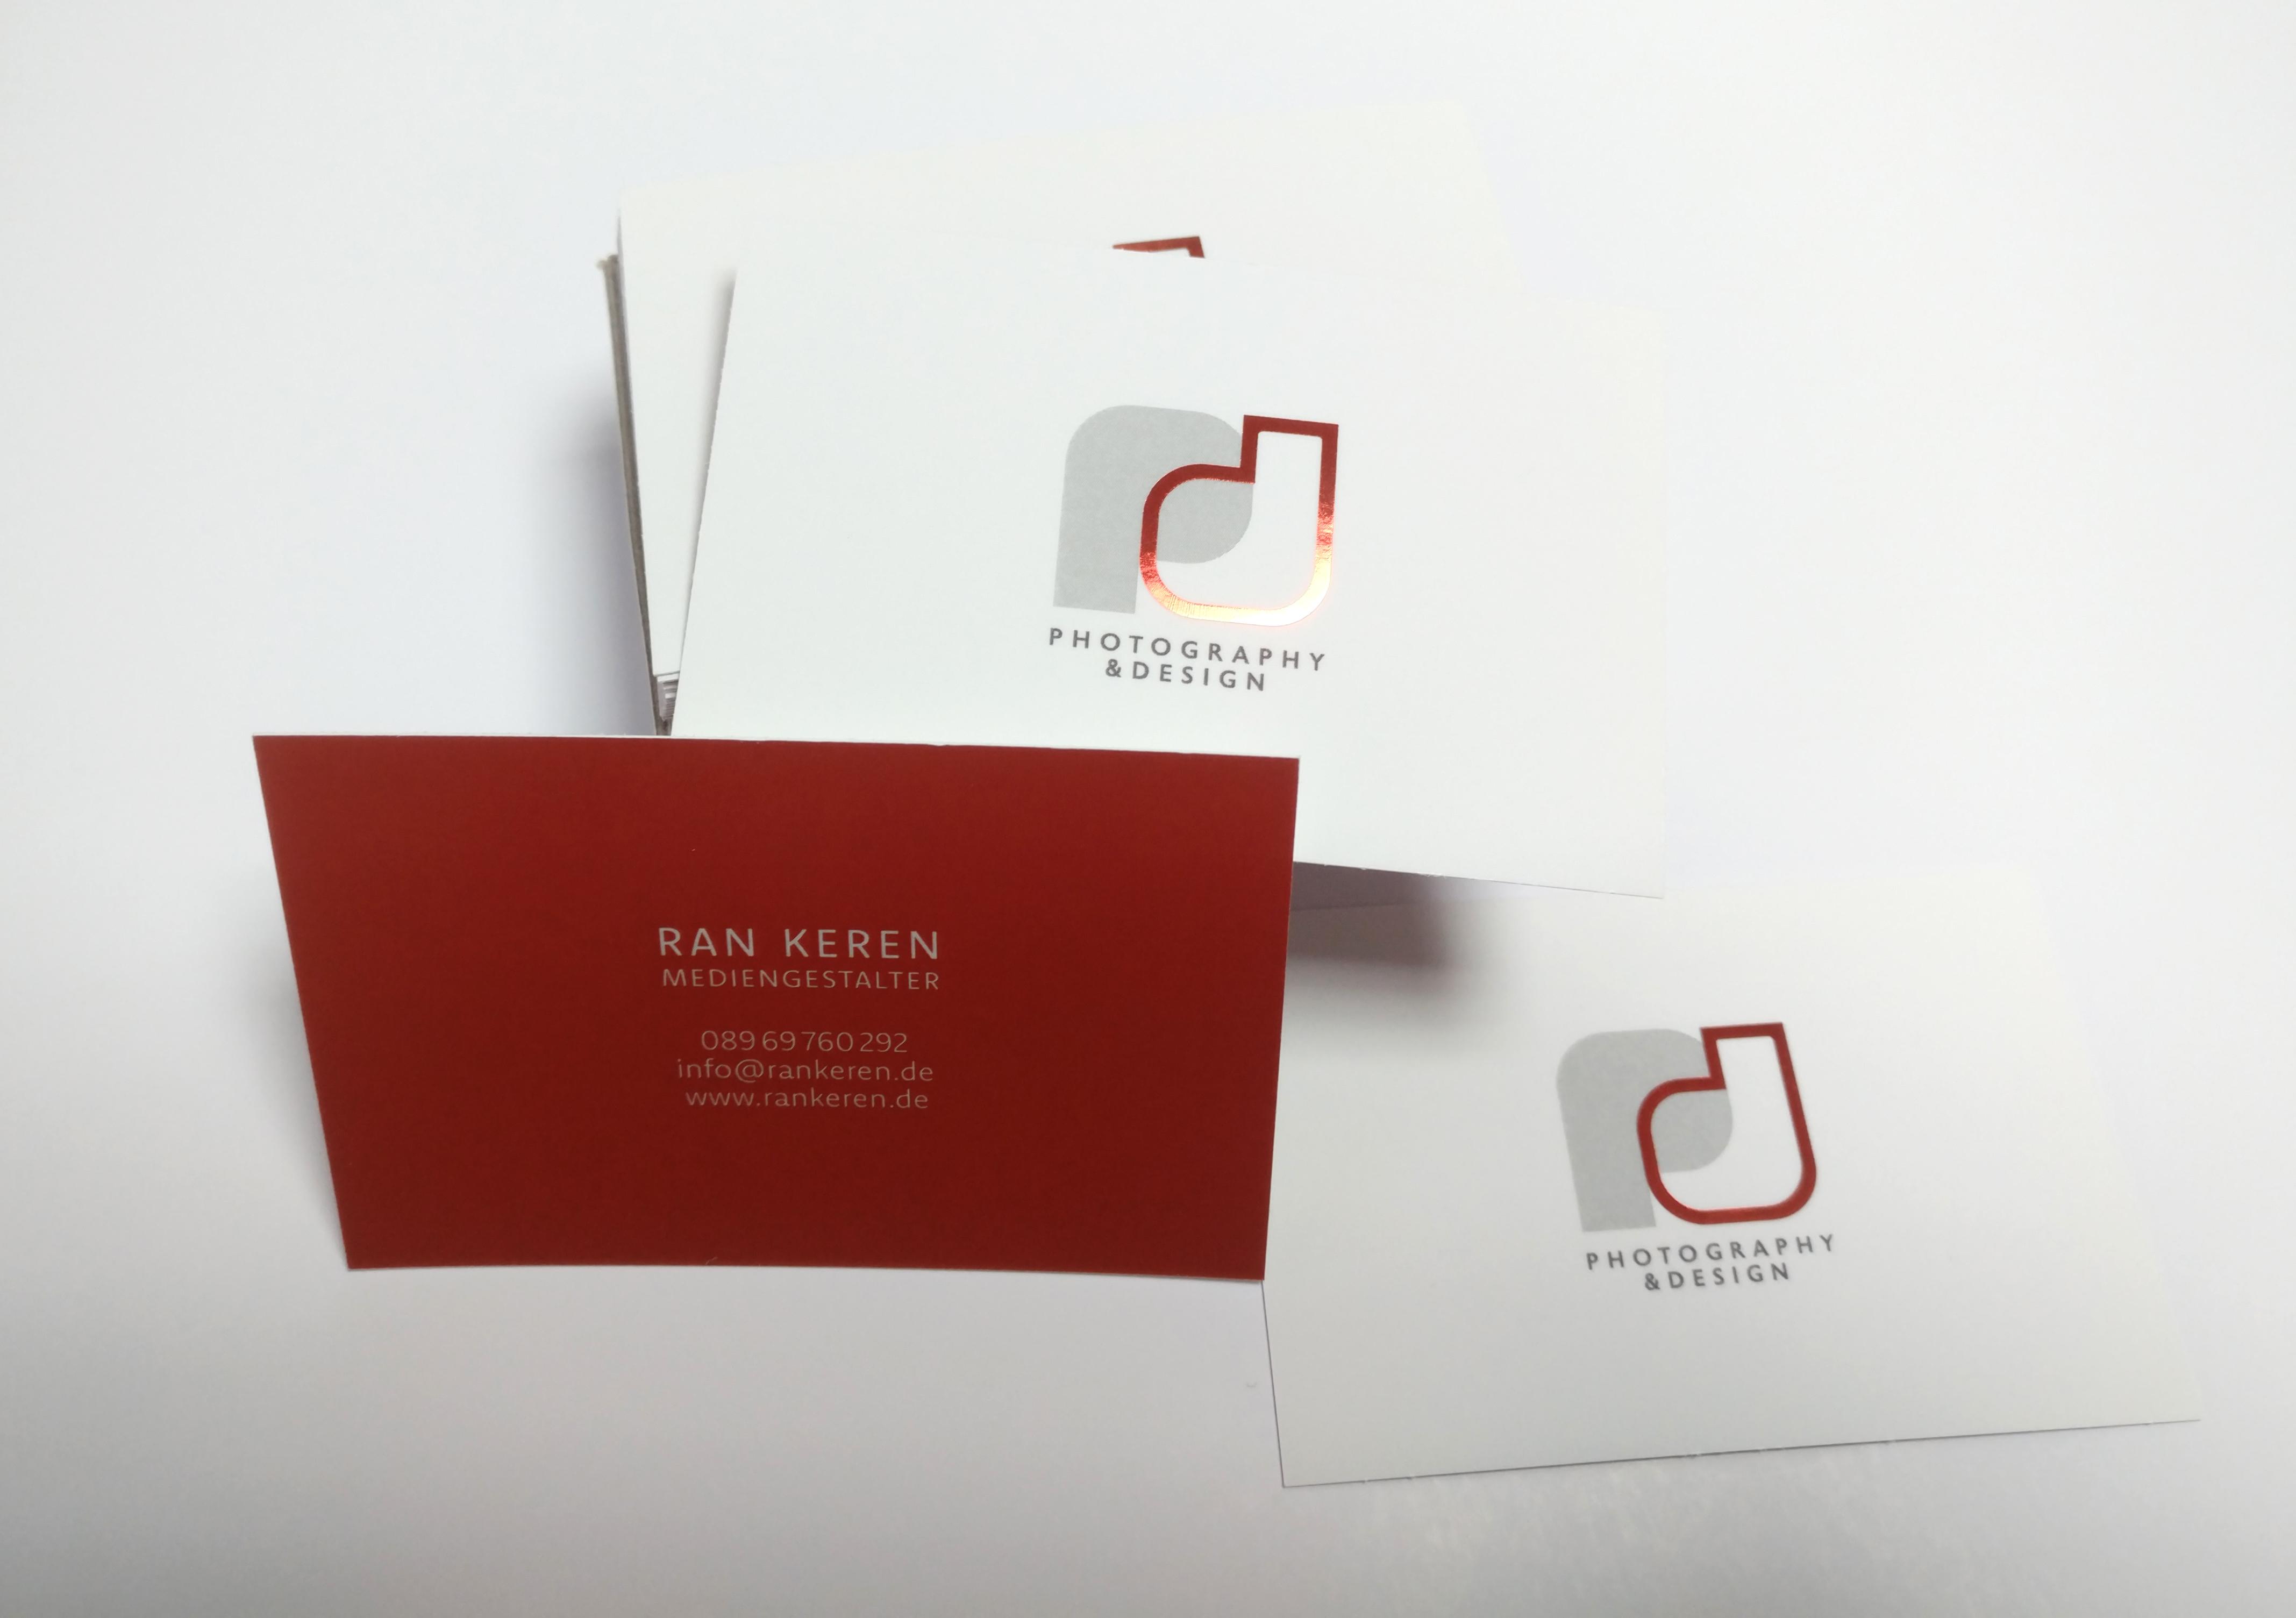 Visitenkarten mit Softtouch + Sleeking